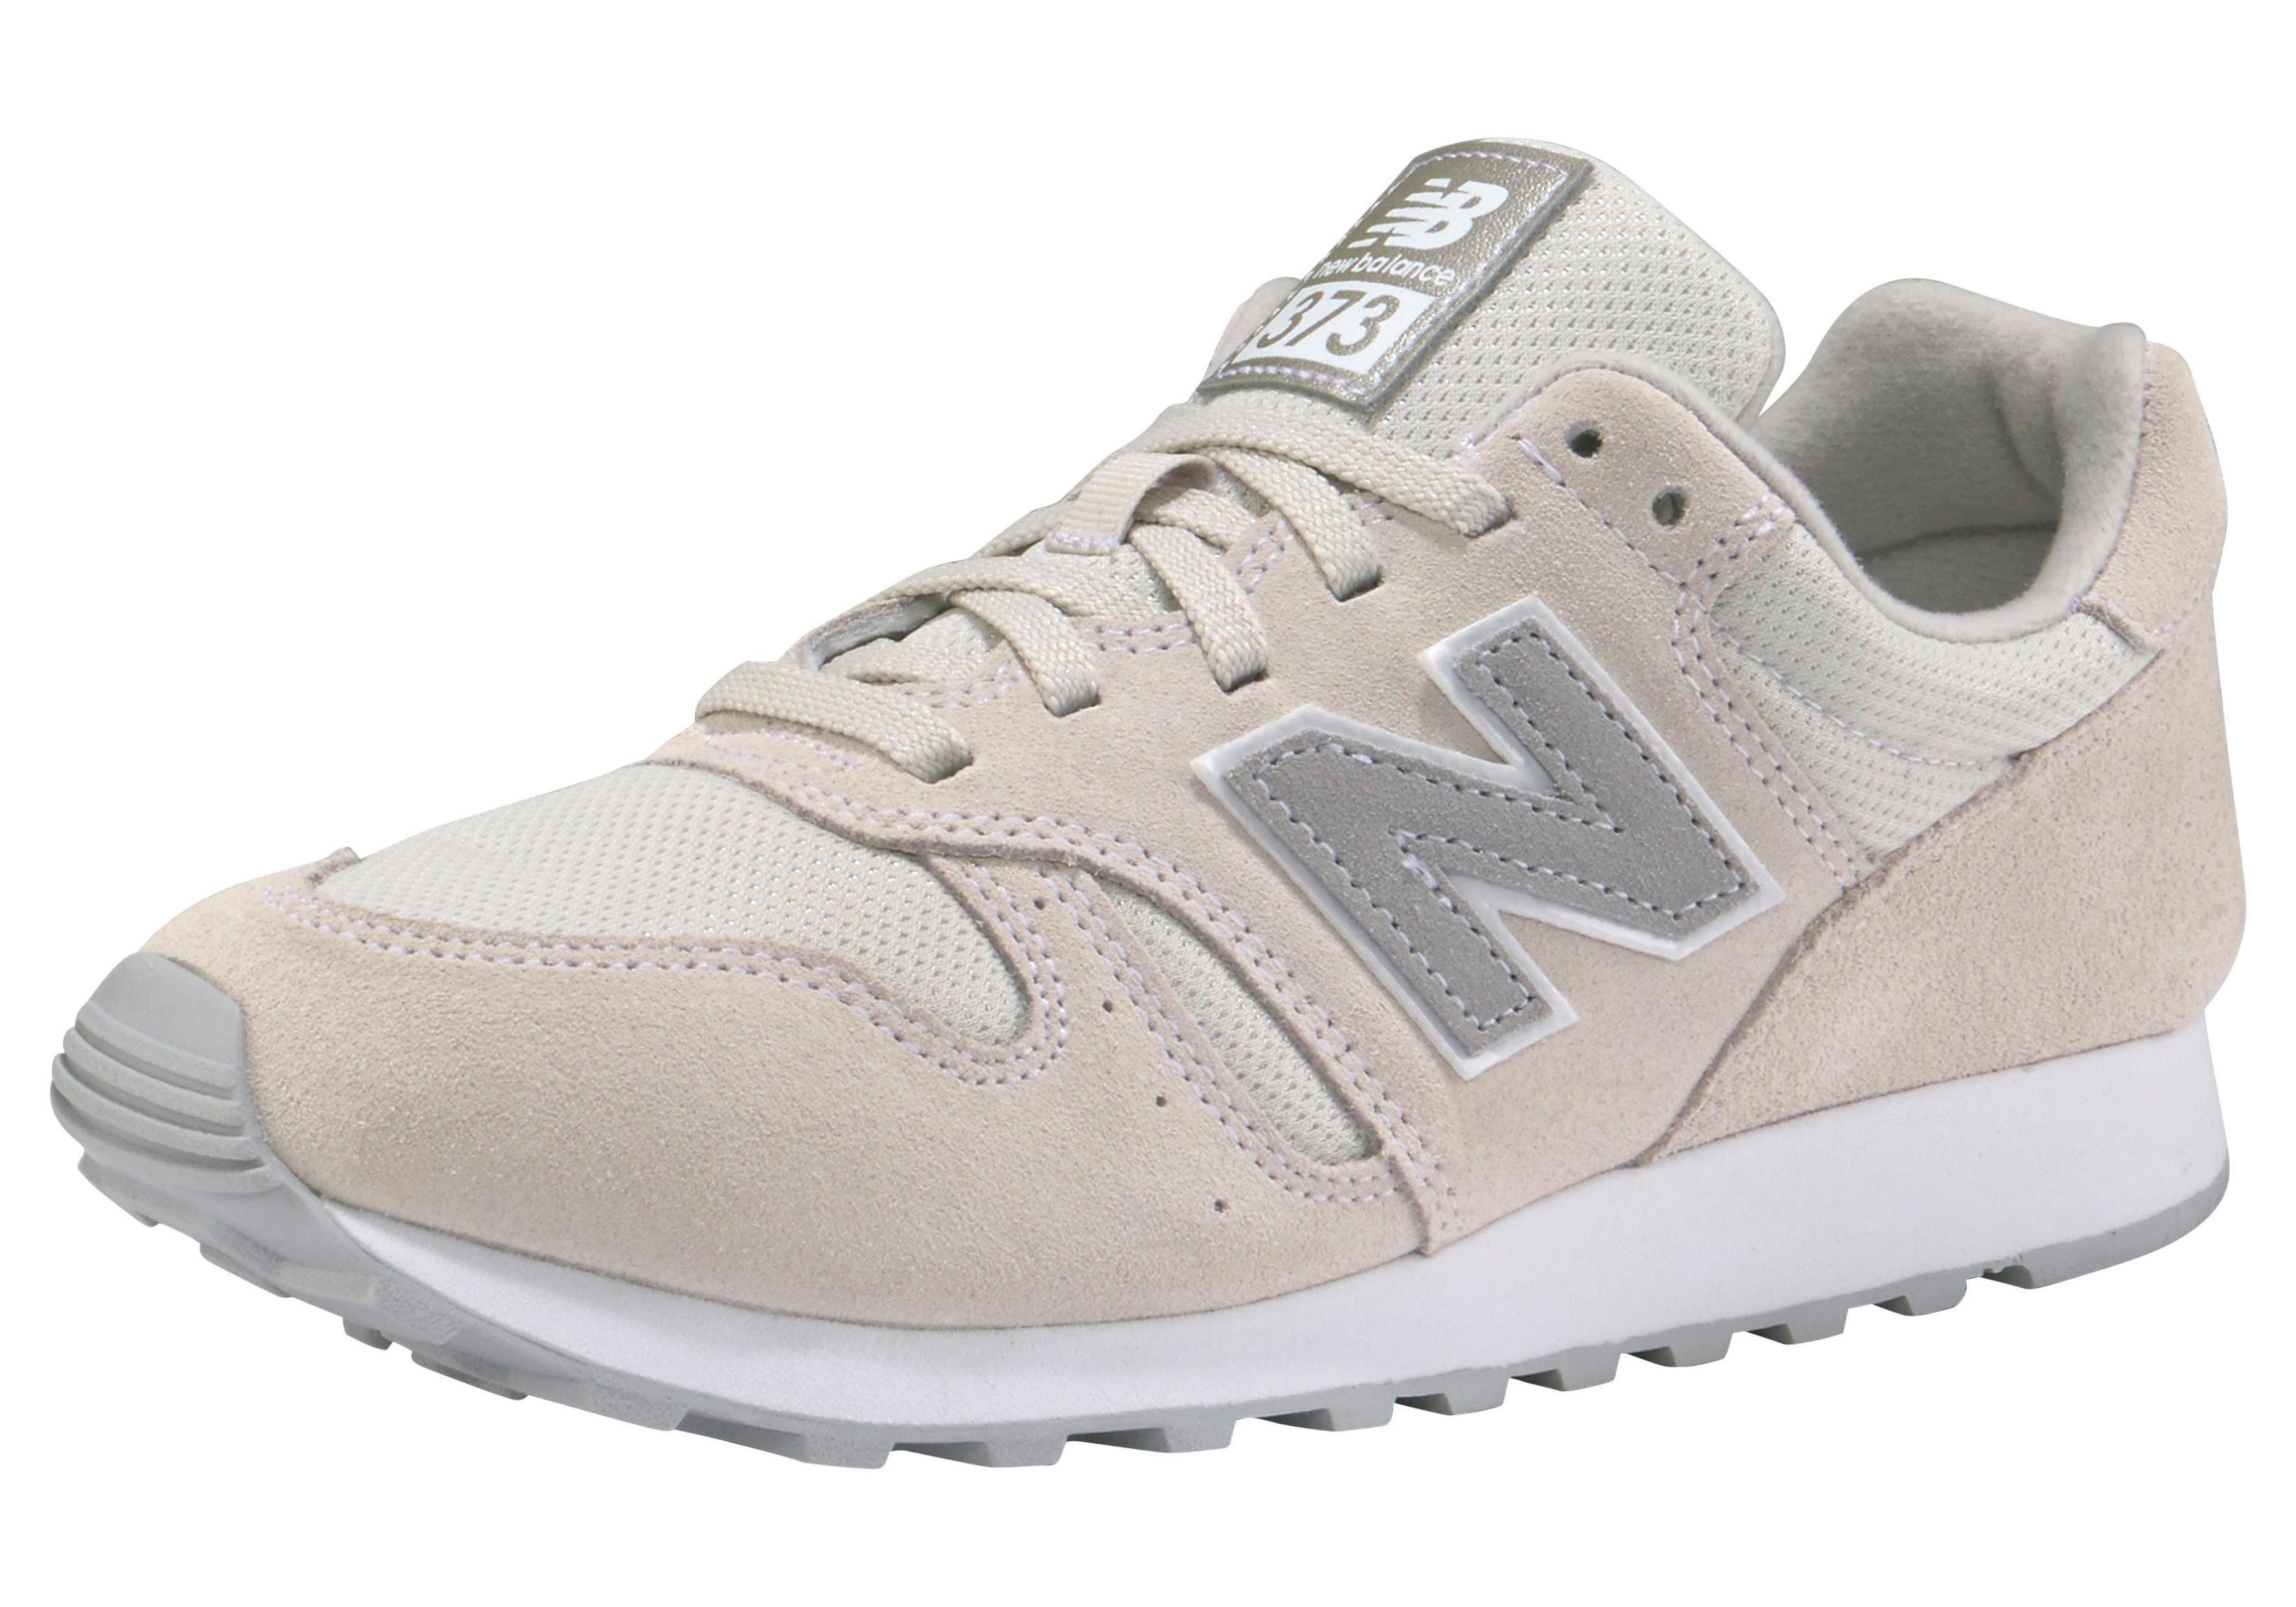 New Balance WL 373 Sneaker online kaufen  beige